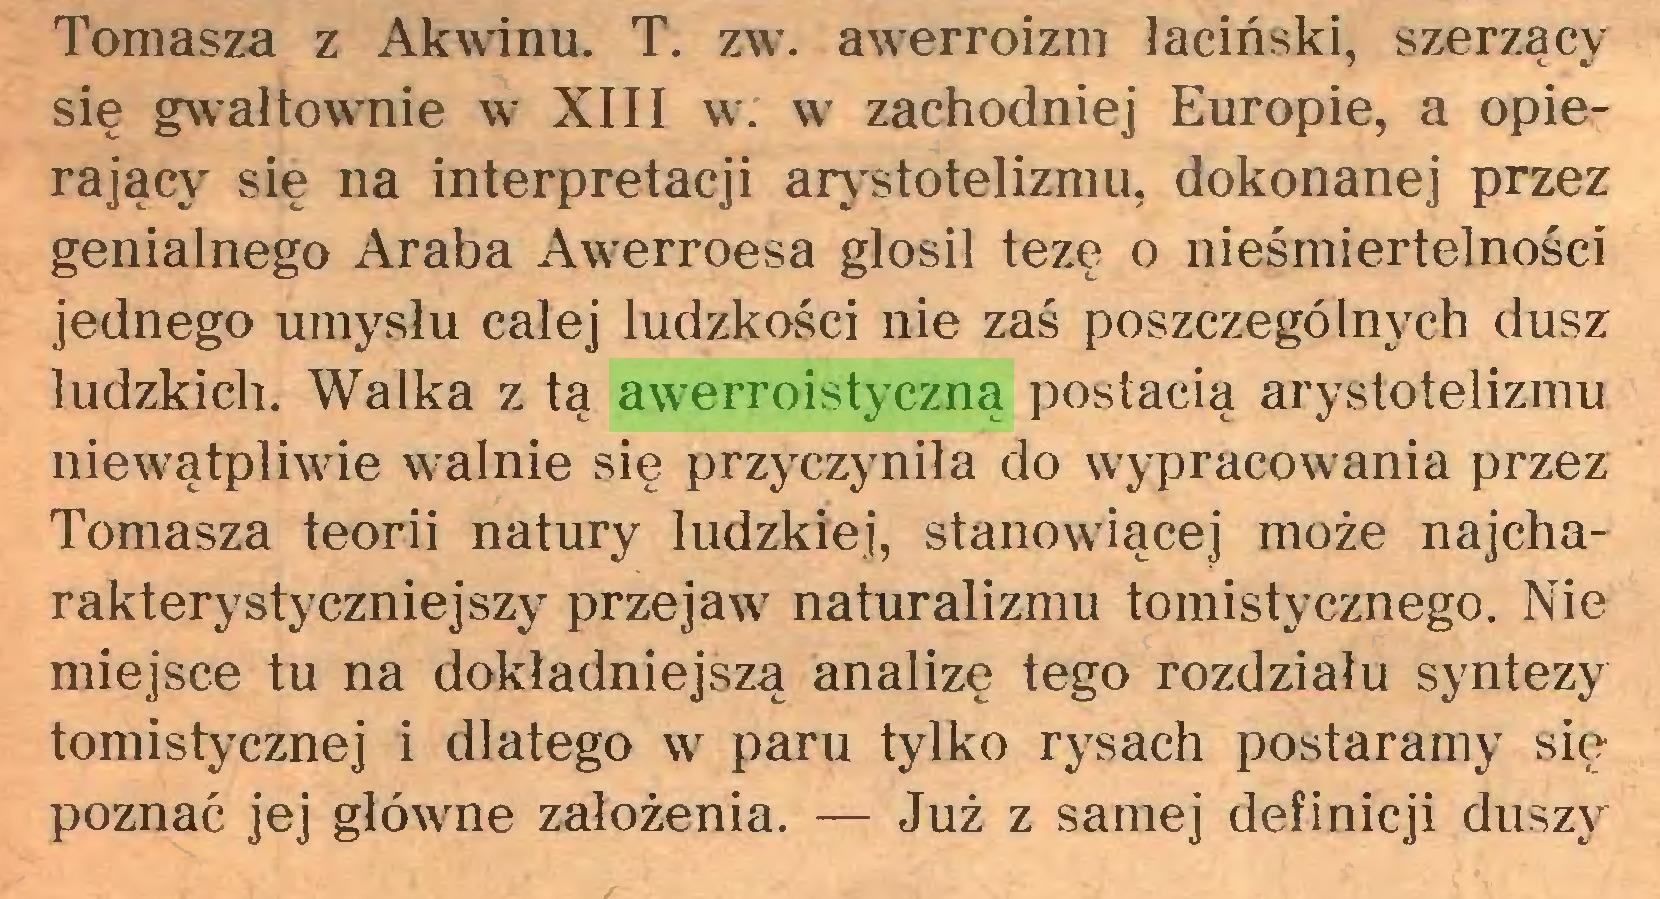 """(...) Tomasza z Akwinu. T. zw. awerroizm łaciński, szerzący się gwałtownie w XIII w. w zachodniej Europie, a opierający"""" się na interpretacji arystotelizmu, dokonanej przez genialnego Araba Awerroesa głosił tezę o nieśmiertelności jednego umysłu całej ludzkości nie zaś poszczególnych dusz ludzkich. Walka z tą awerroistyczną postacią arystotelizmu niewątpliwie walnie się przyczyniła do wypracowania przez Tomasza teorii natury ludzkiej, stanowiącej może najcharakterystyczniejszy przejaw7 naturalizmu tomistycznego. Nie miejsce tu na dokładniejszą analizę tego rozdziału syntezy tomistycznej i dlatego w7 paru tylko rysach postaramy się poznać jej główme założenia. — Już z samej definicji duszy..."""